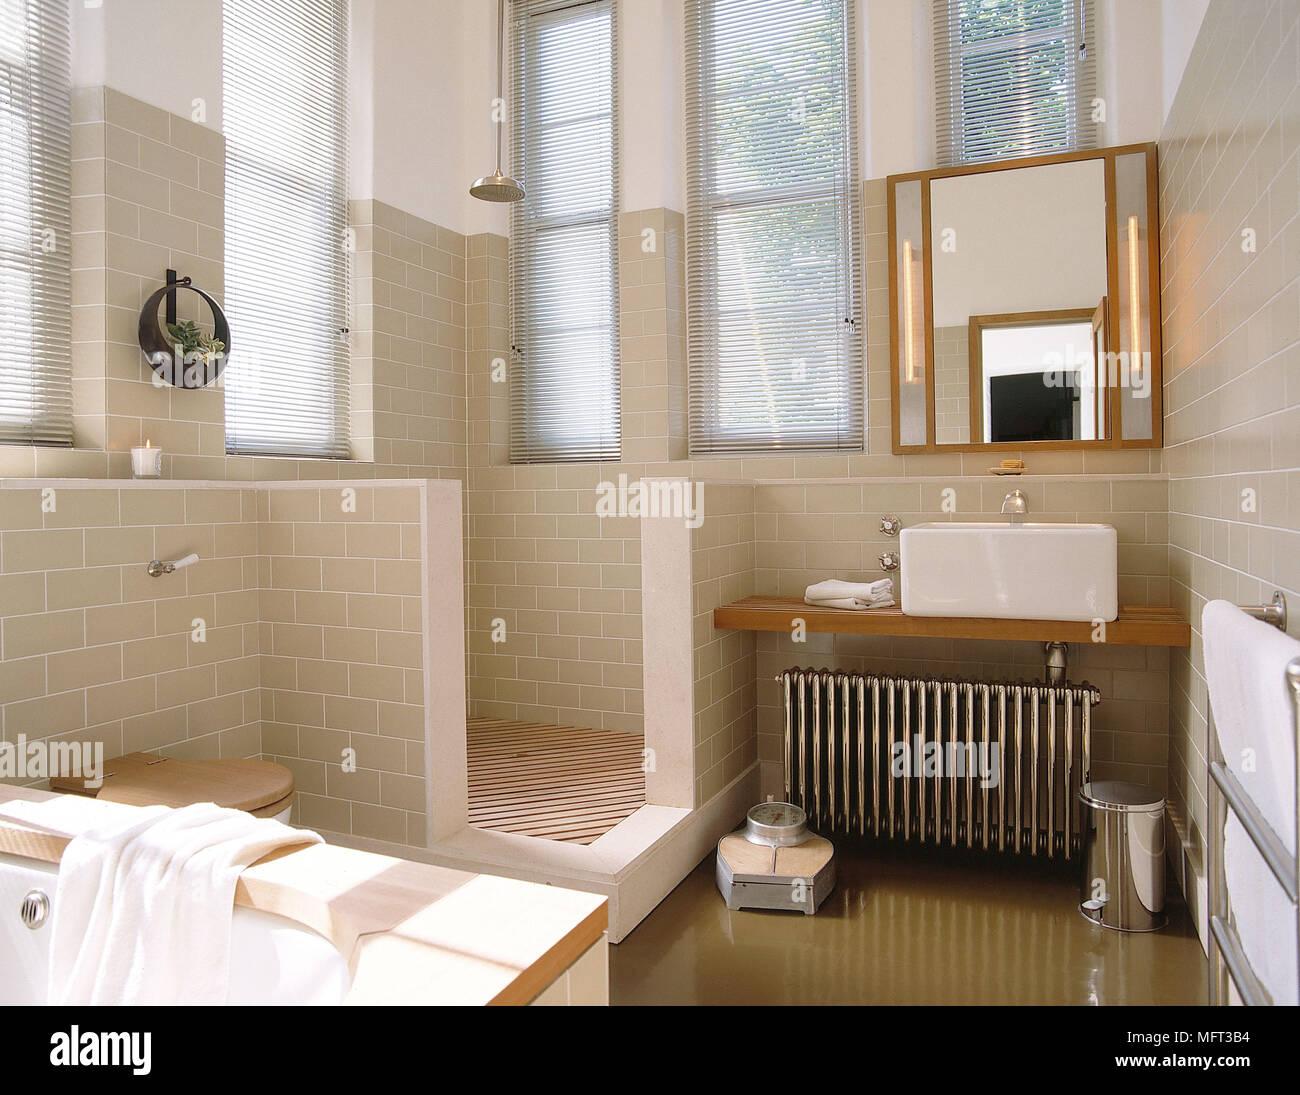 Moderne neutral Bad Keramik gefliesten Wänden Duschbereich ...